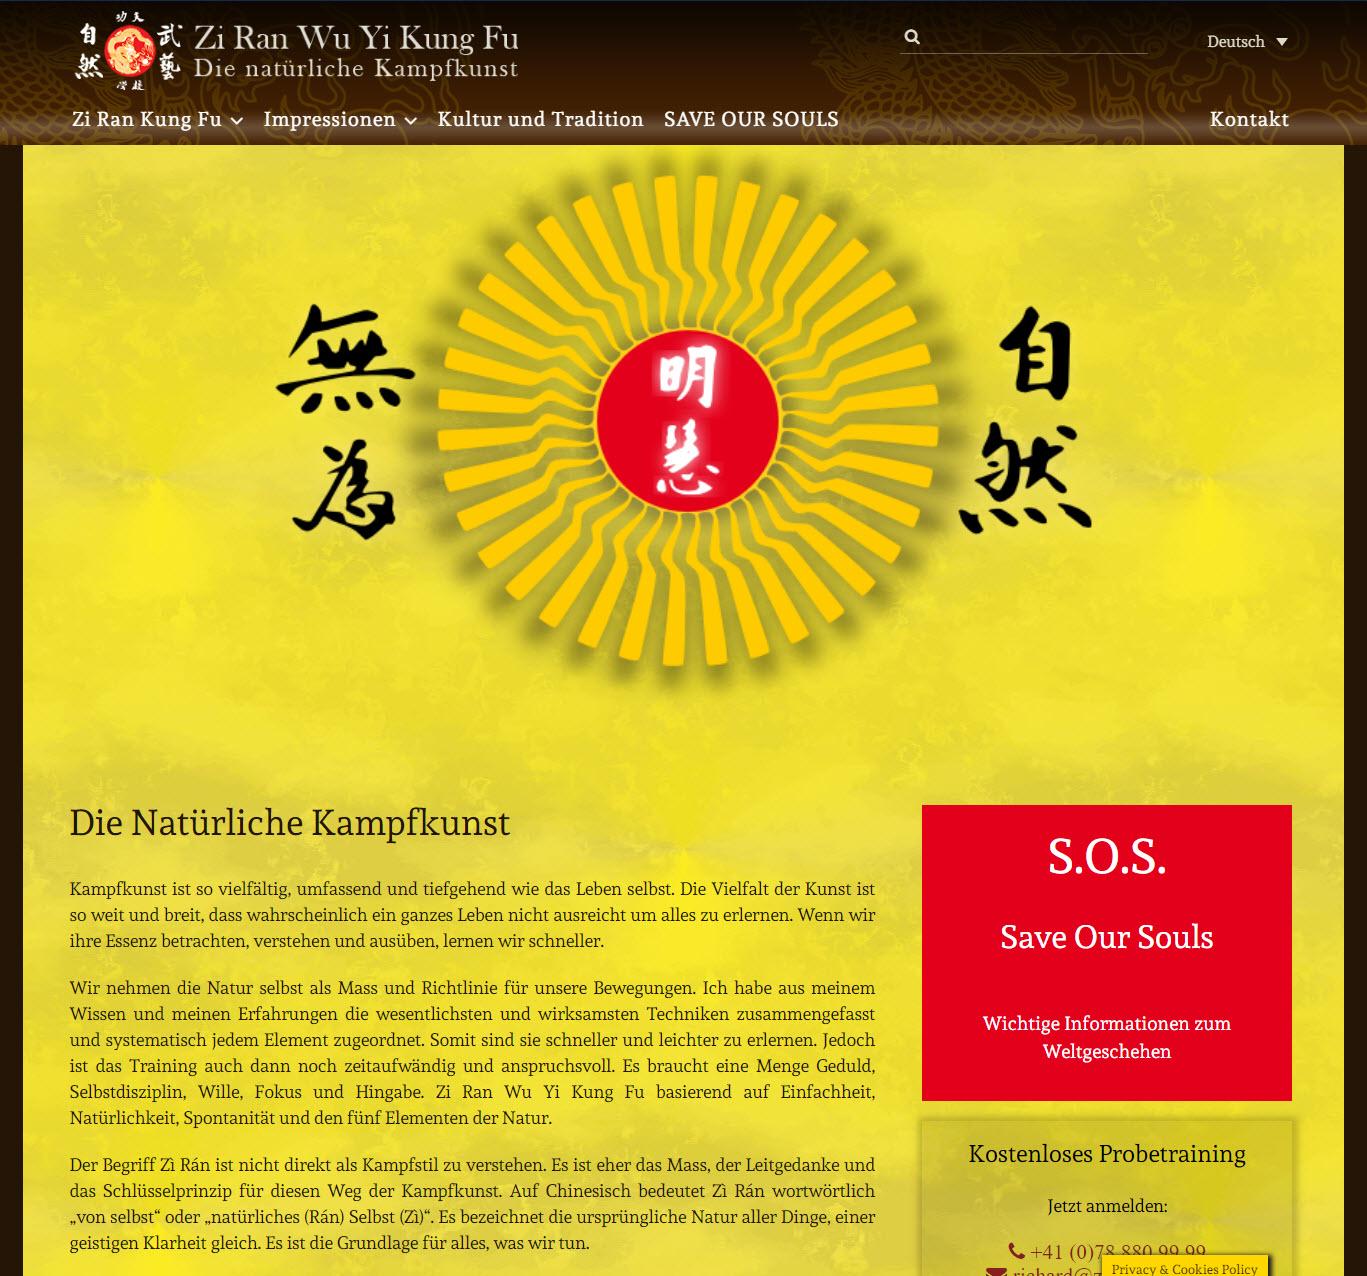 Zi Ran Kung Fu - die Natürliche Kampfkunst